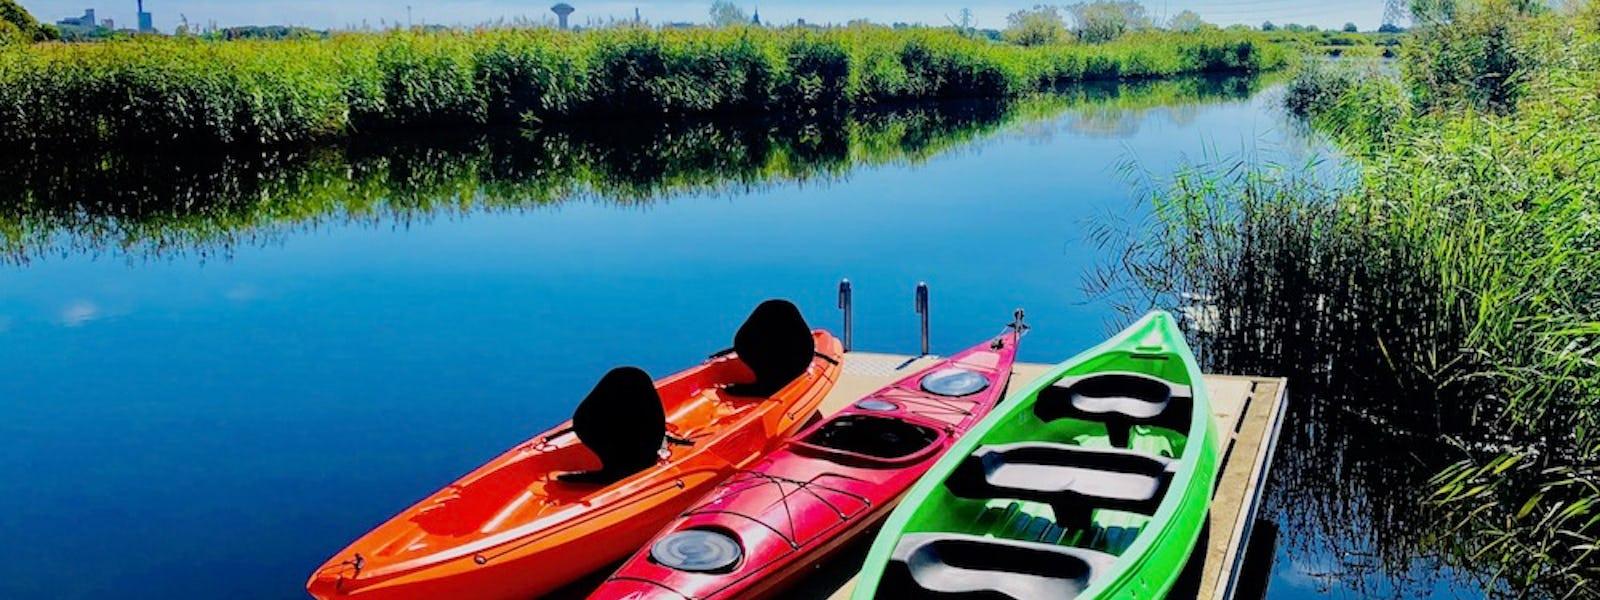 Bild - Paddla kajak eller kanot